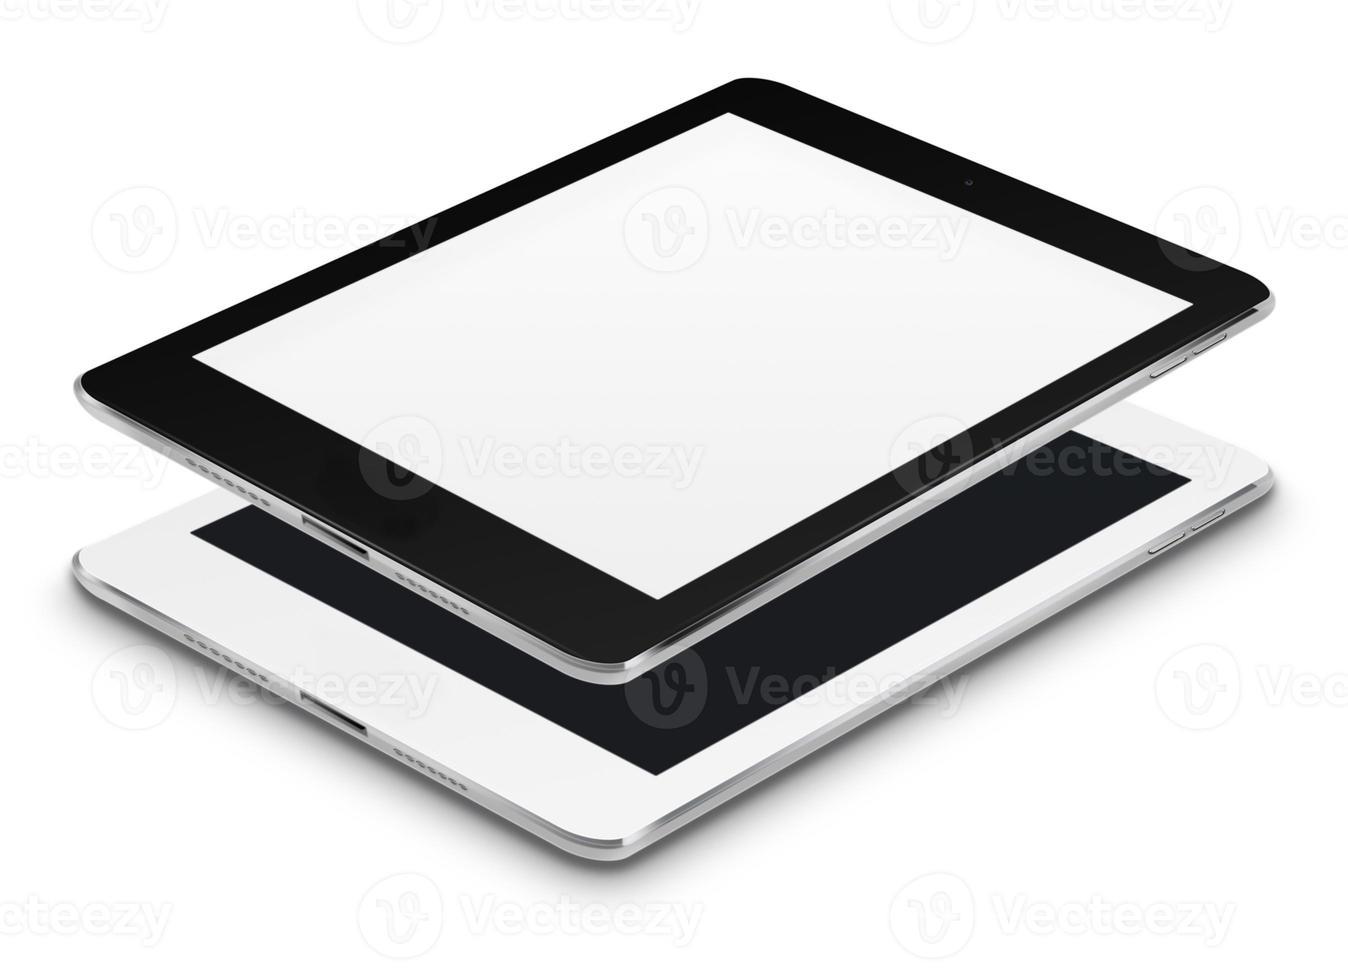 computadores tablet realistas com telas em preto e branco. foto